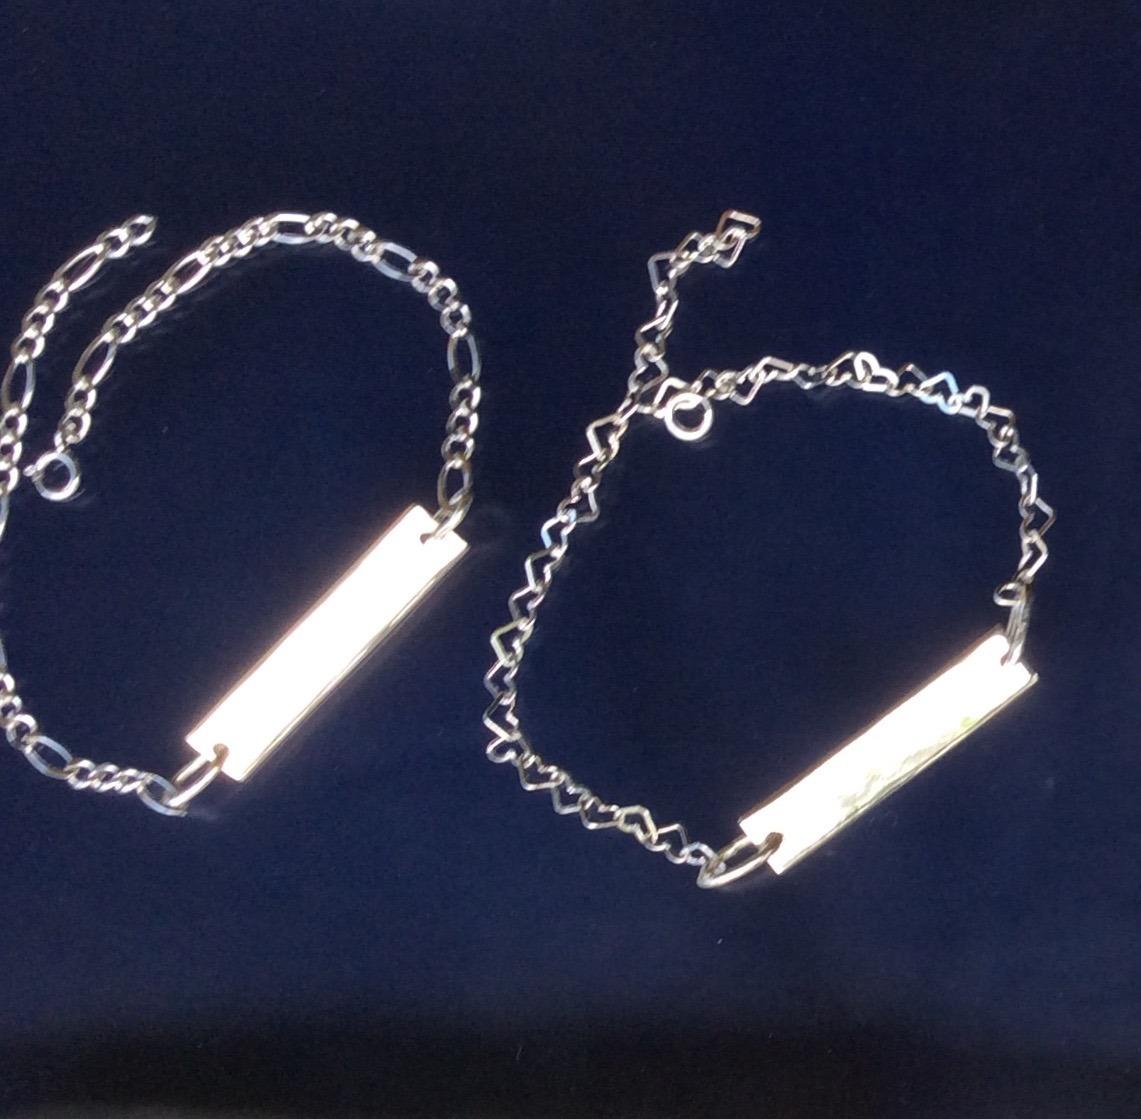 05f1d09e0653 personalizada par de pulsera corazón esclava pareja plata. Cargando zoom.